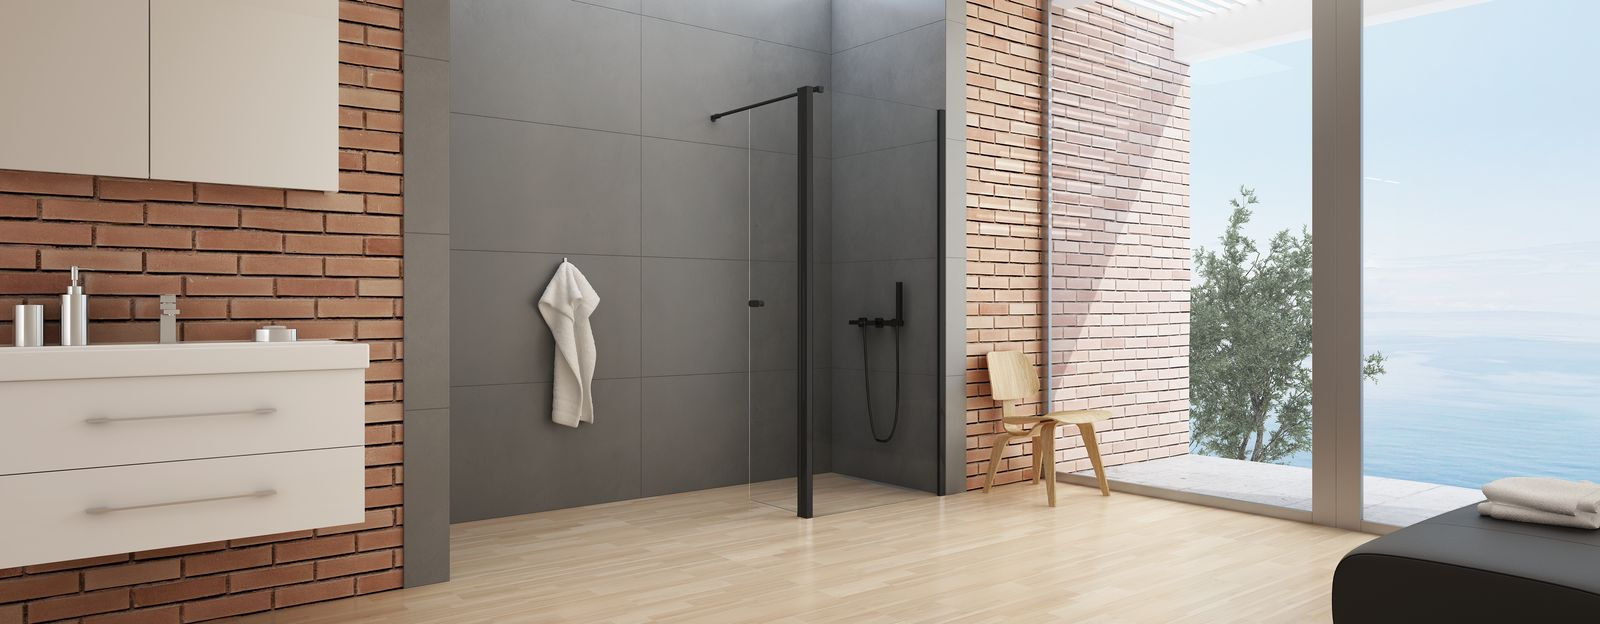 czarna kabina prysznicowa walk-in 90x34x195